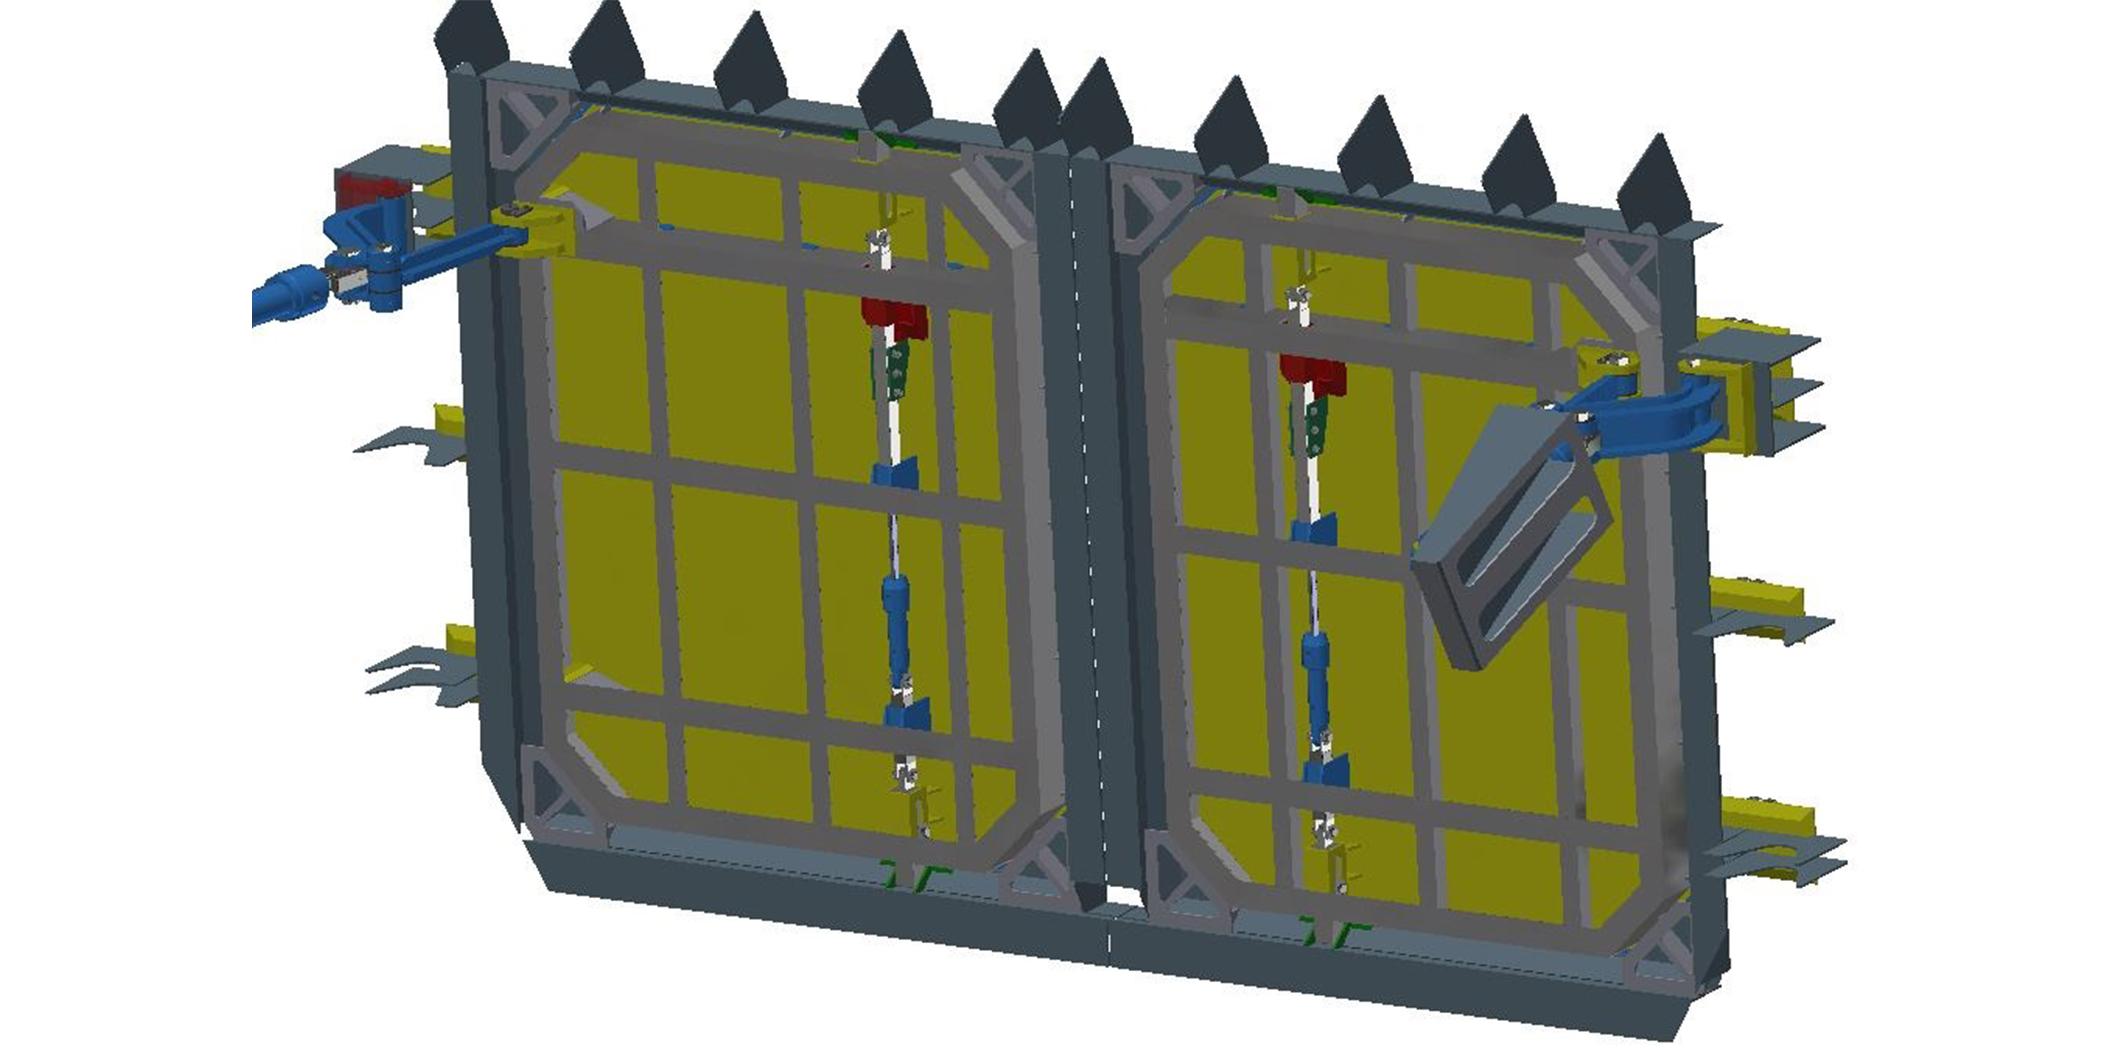 AUV Hangar doors